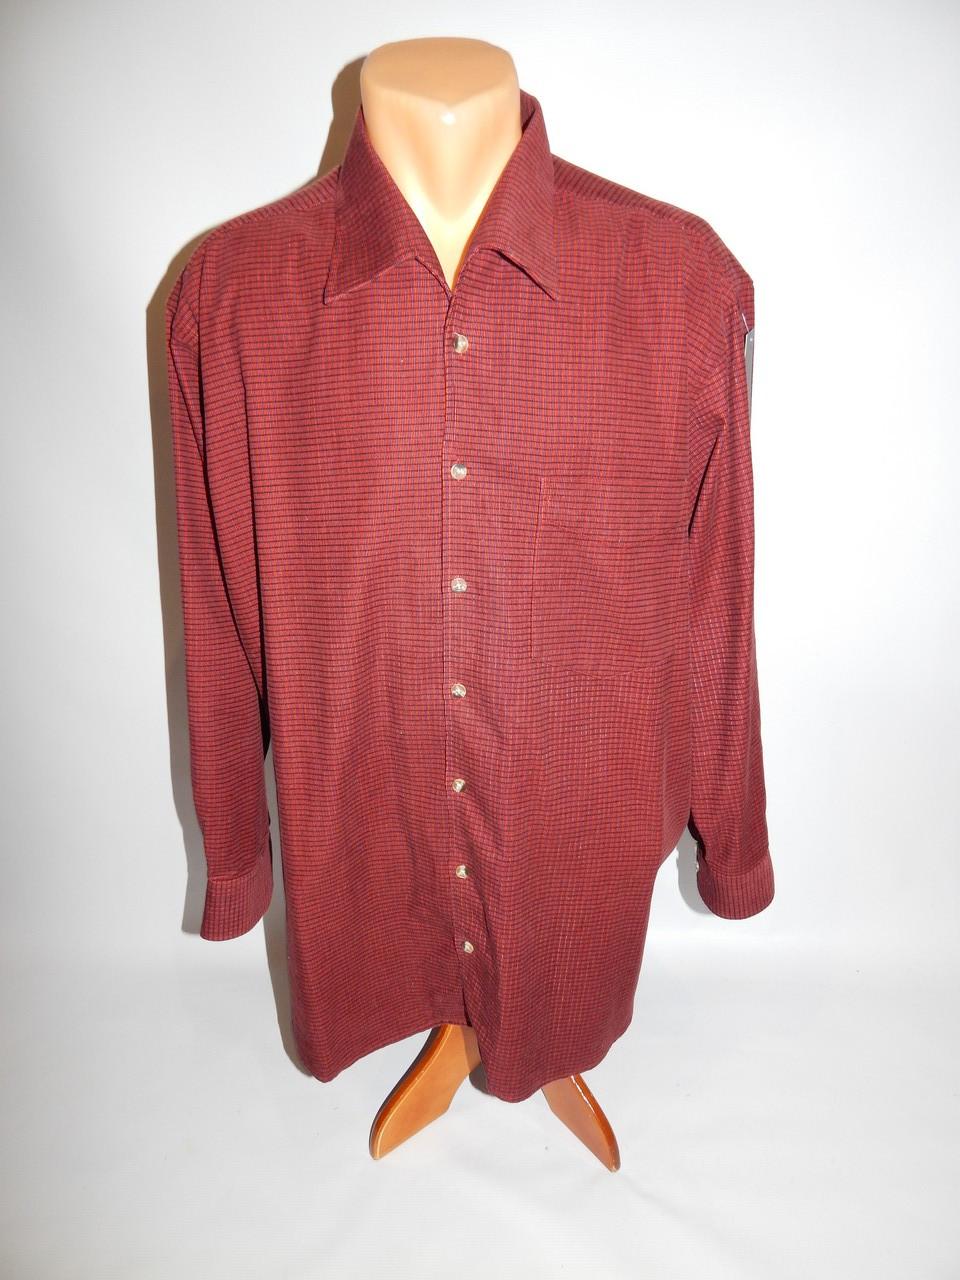 Теплая мужская рубашка микровельвет Trelegant XL 094Рт